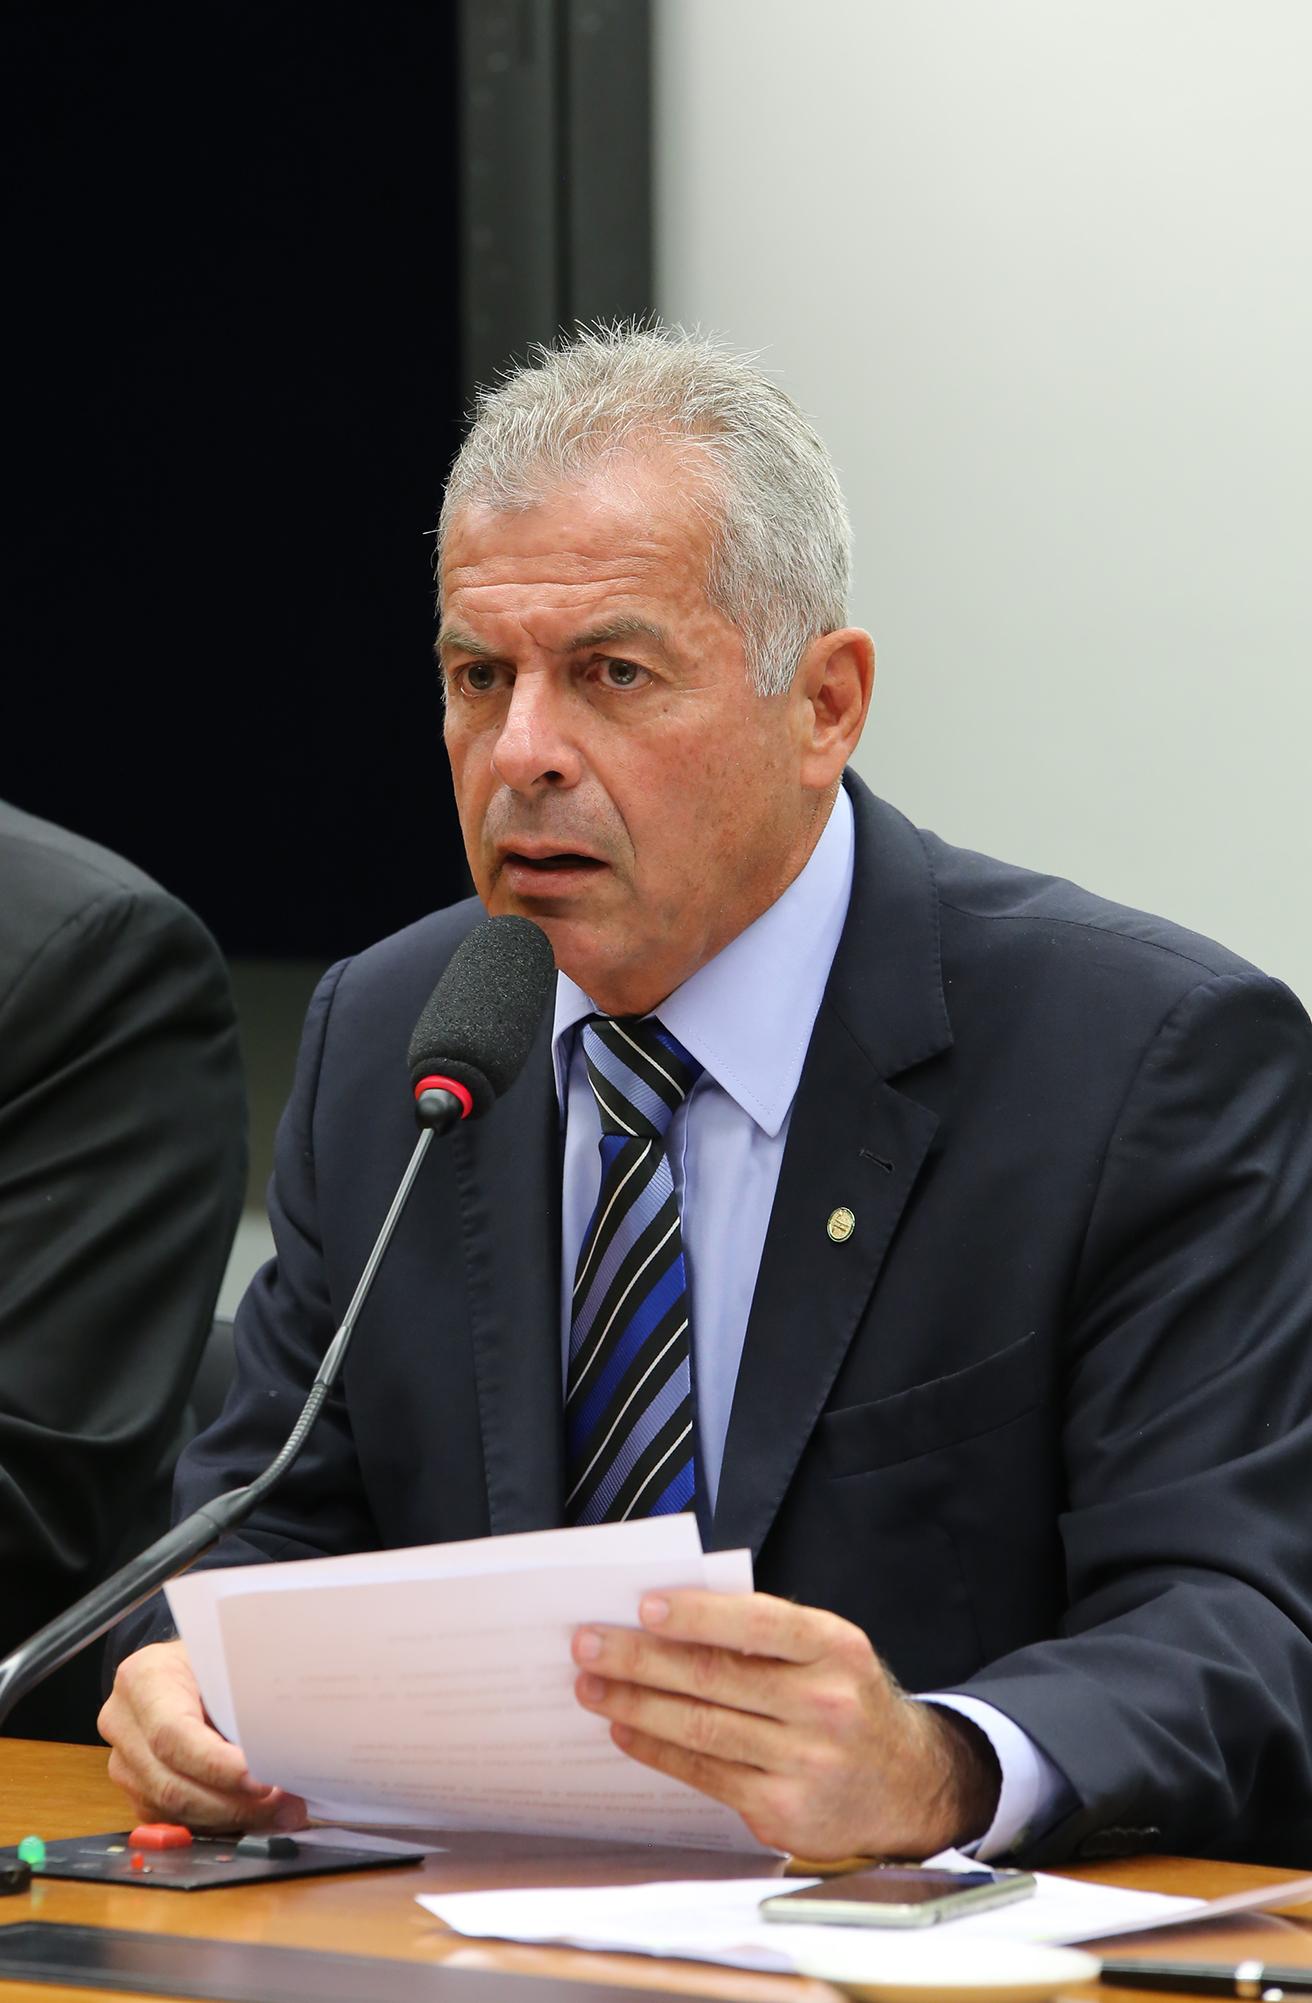 Reunião de instalação da comissão e eleição do Presidente e dos Vice-Presidente. Presidente eleito, dep. Paulo Feijó (PR-RJ)